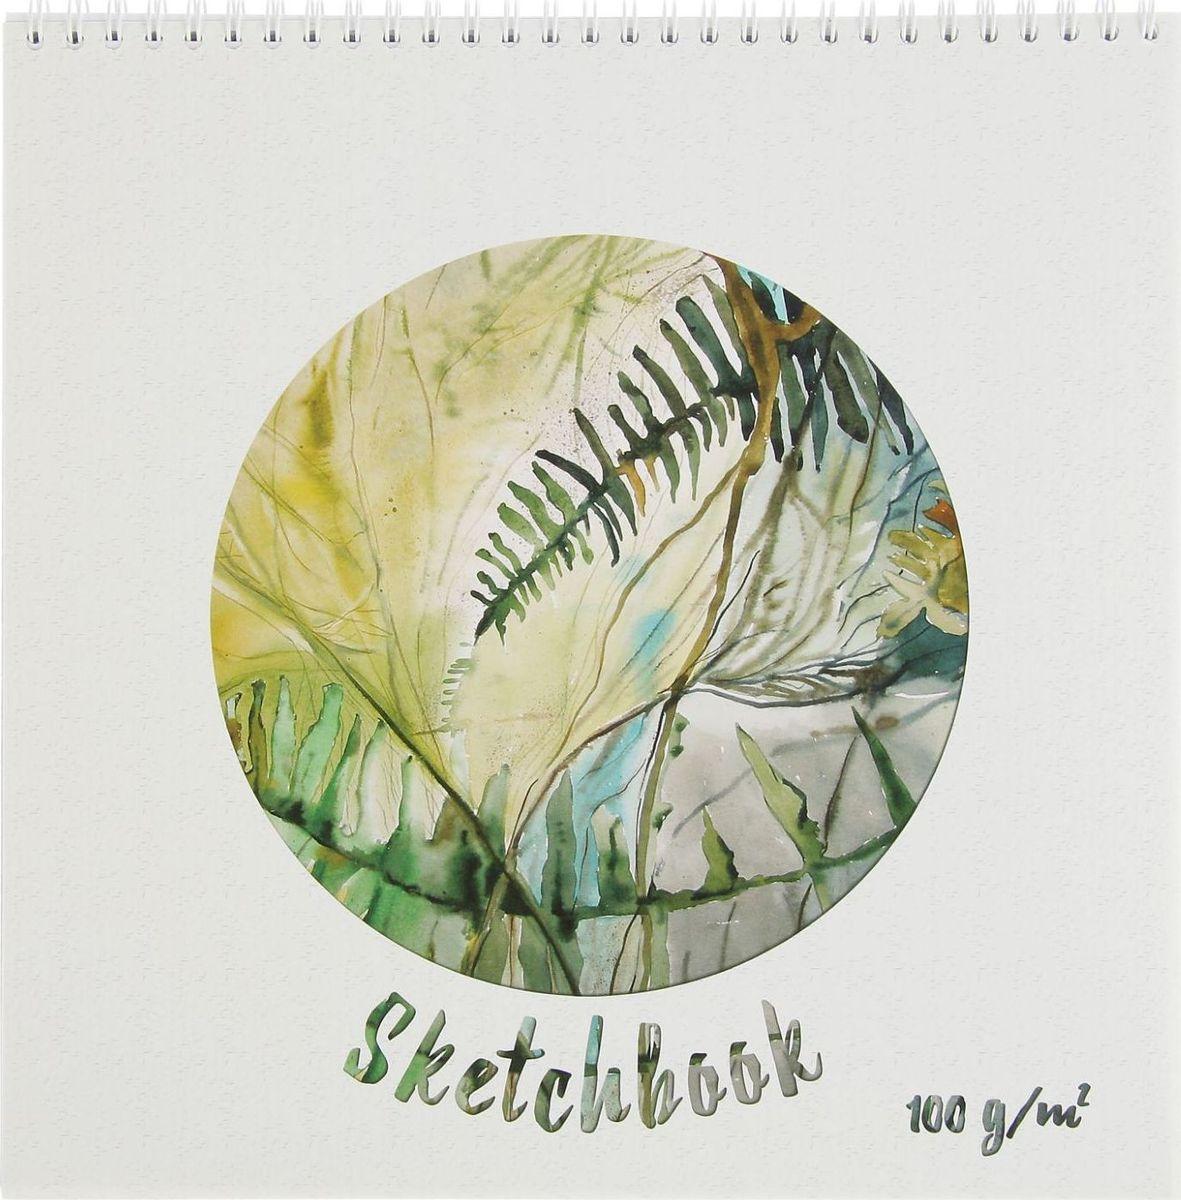 Полином Бумага для эскизов Sketchbook 60 листов цвет белый зеленый2333516